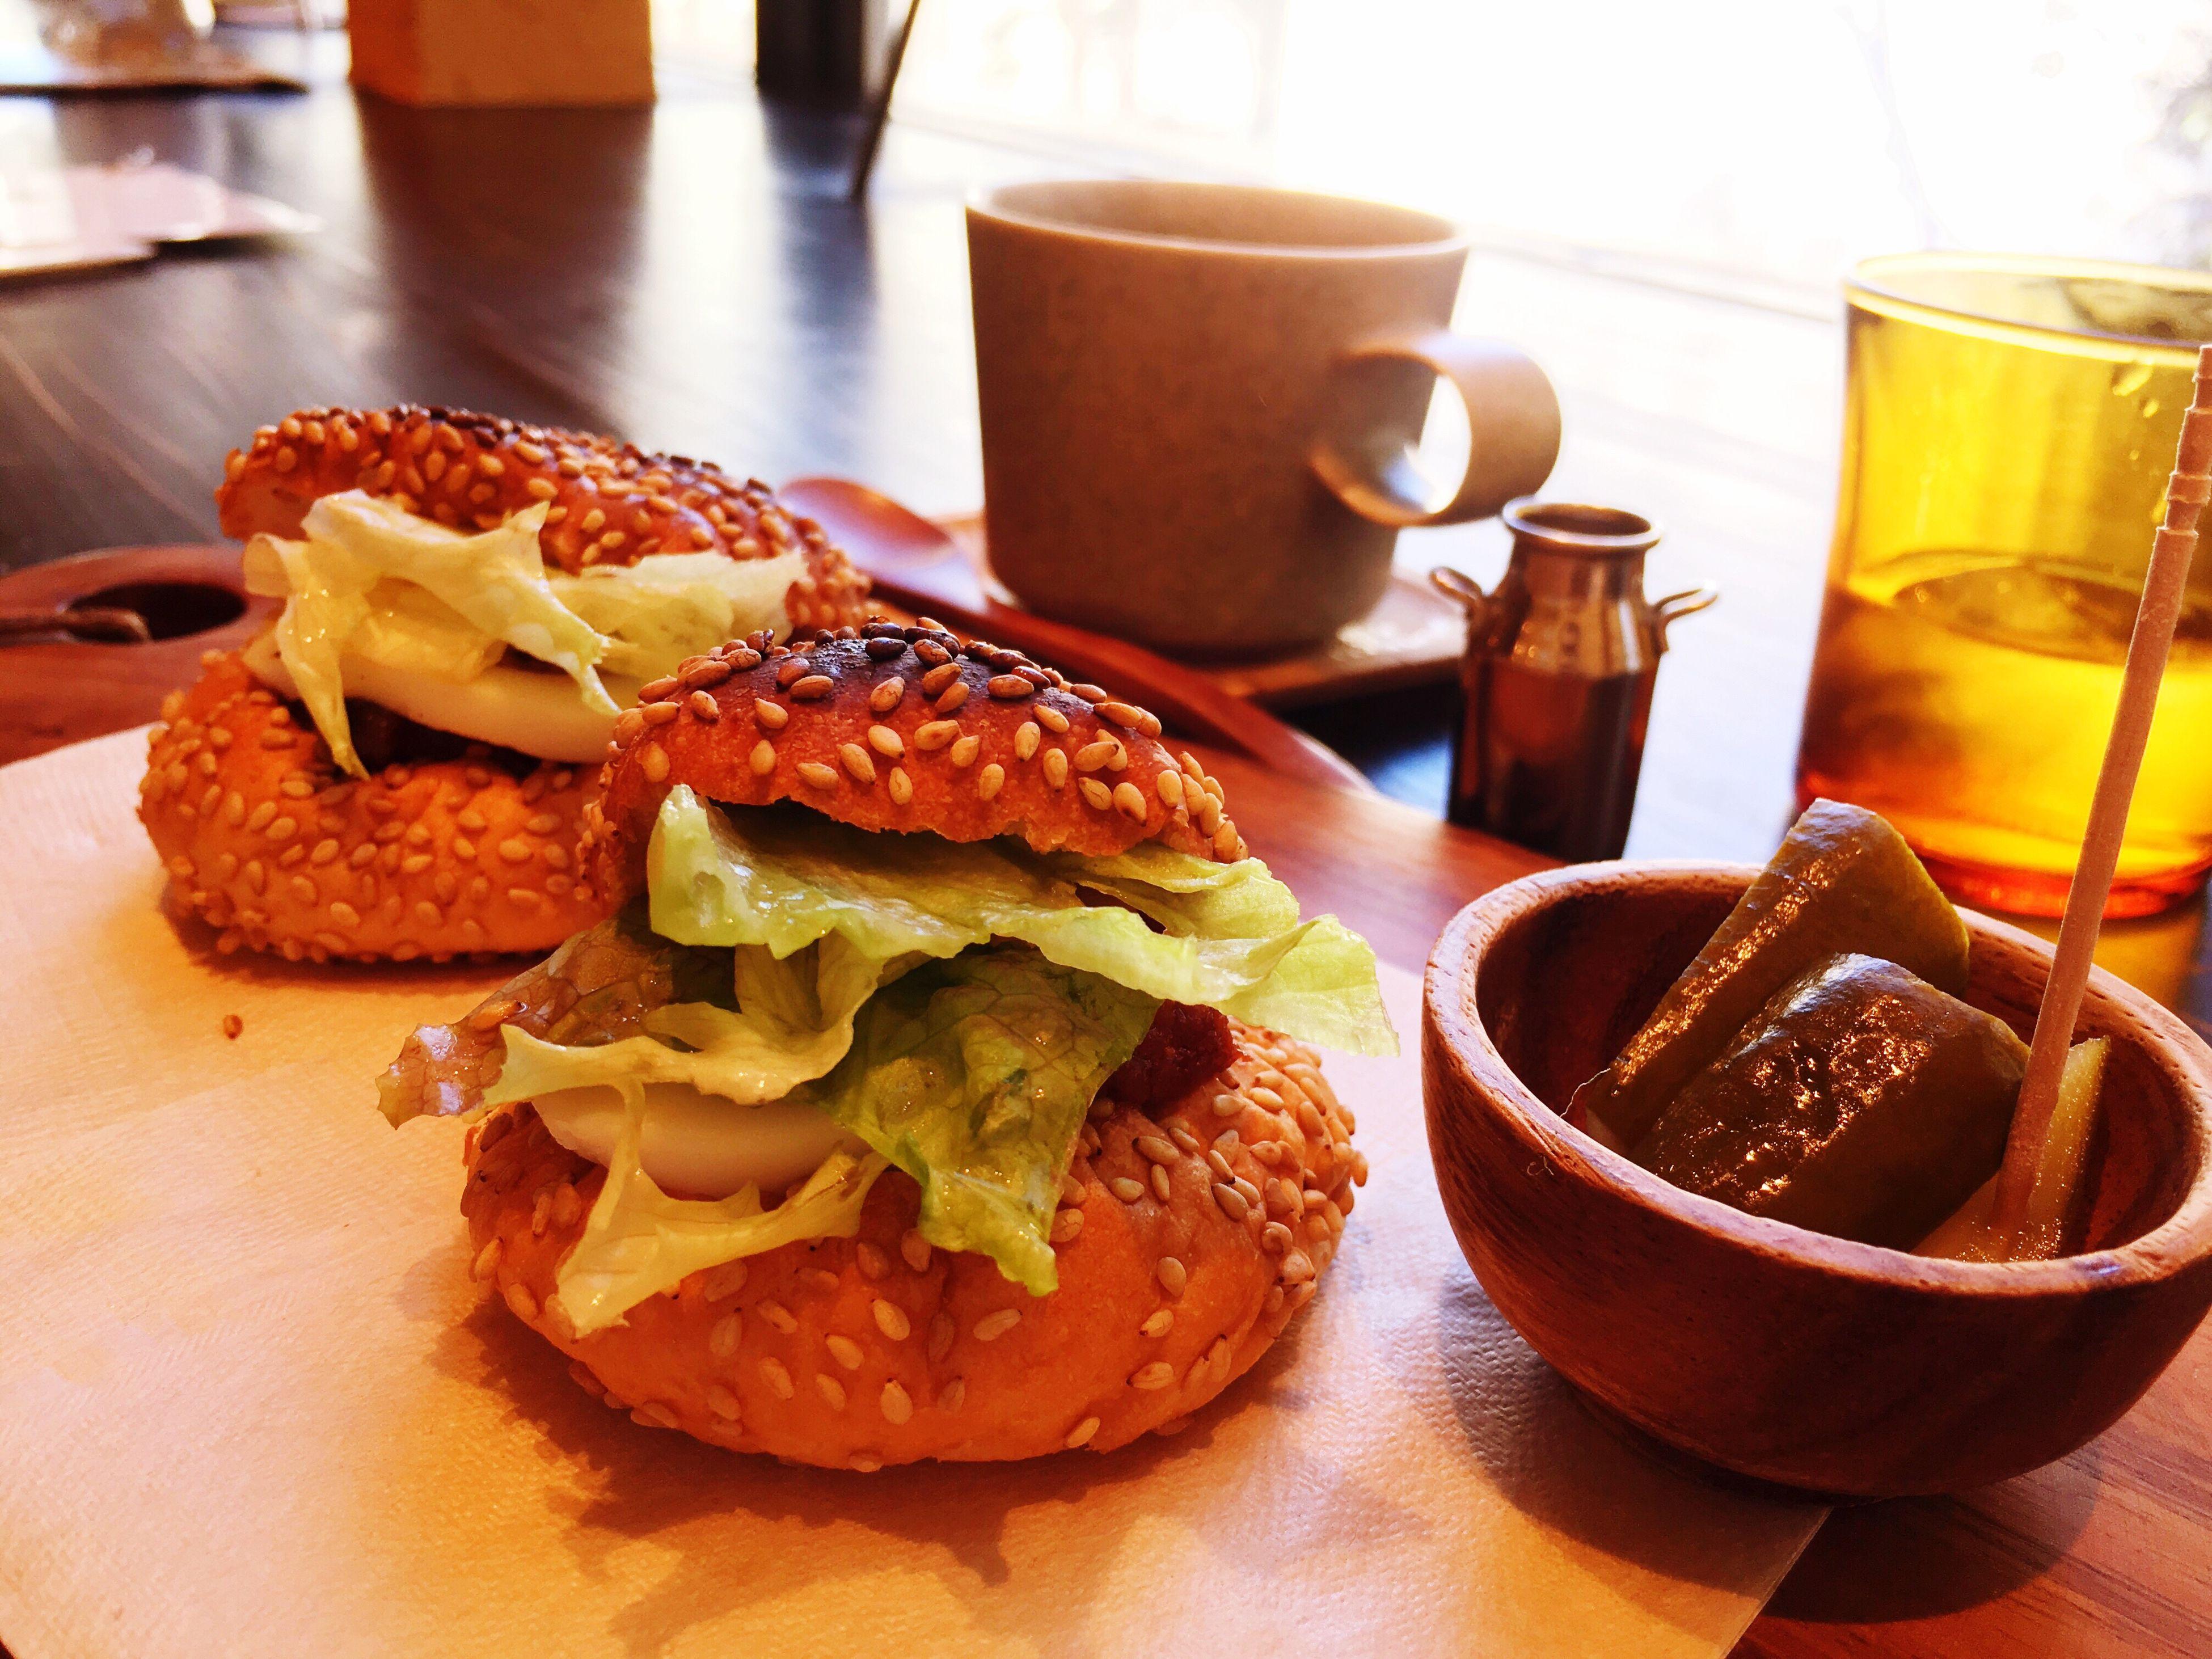 こぐまーがー こぐまカフェ Table Food And Drink Foodporn Yummy♡ Coffee Cafe Lunch Lunch Time Freshness Tokyo 遅いランチにちょうどいい。